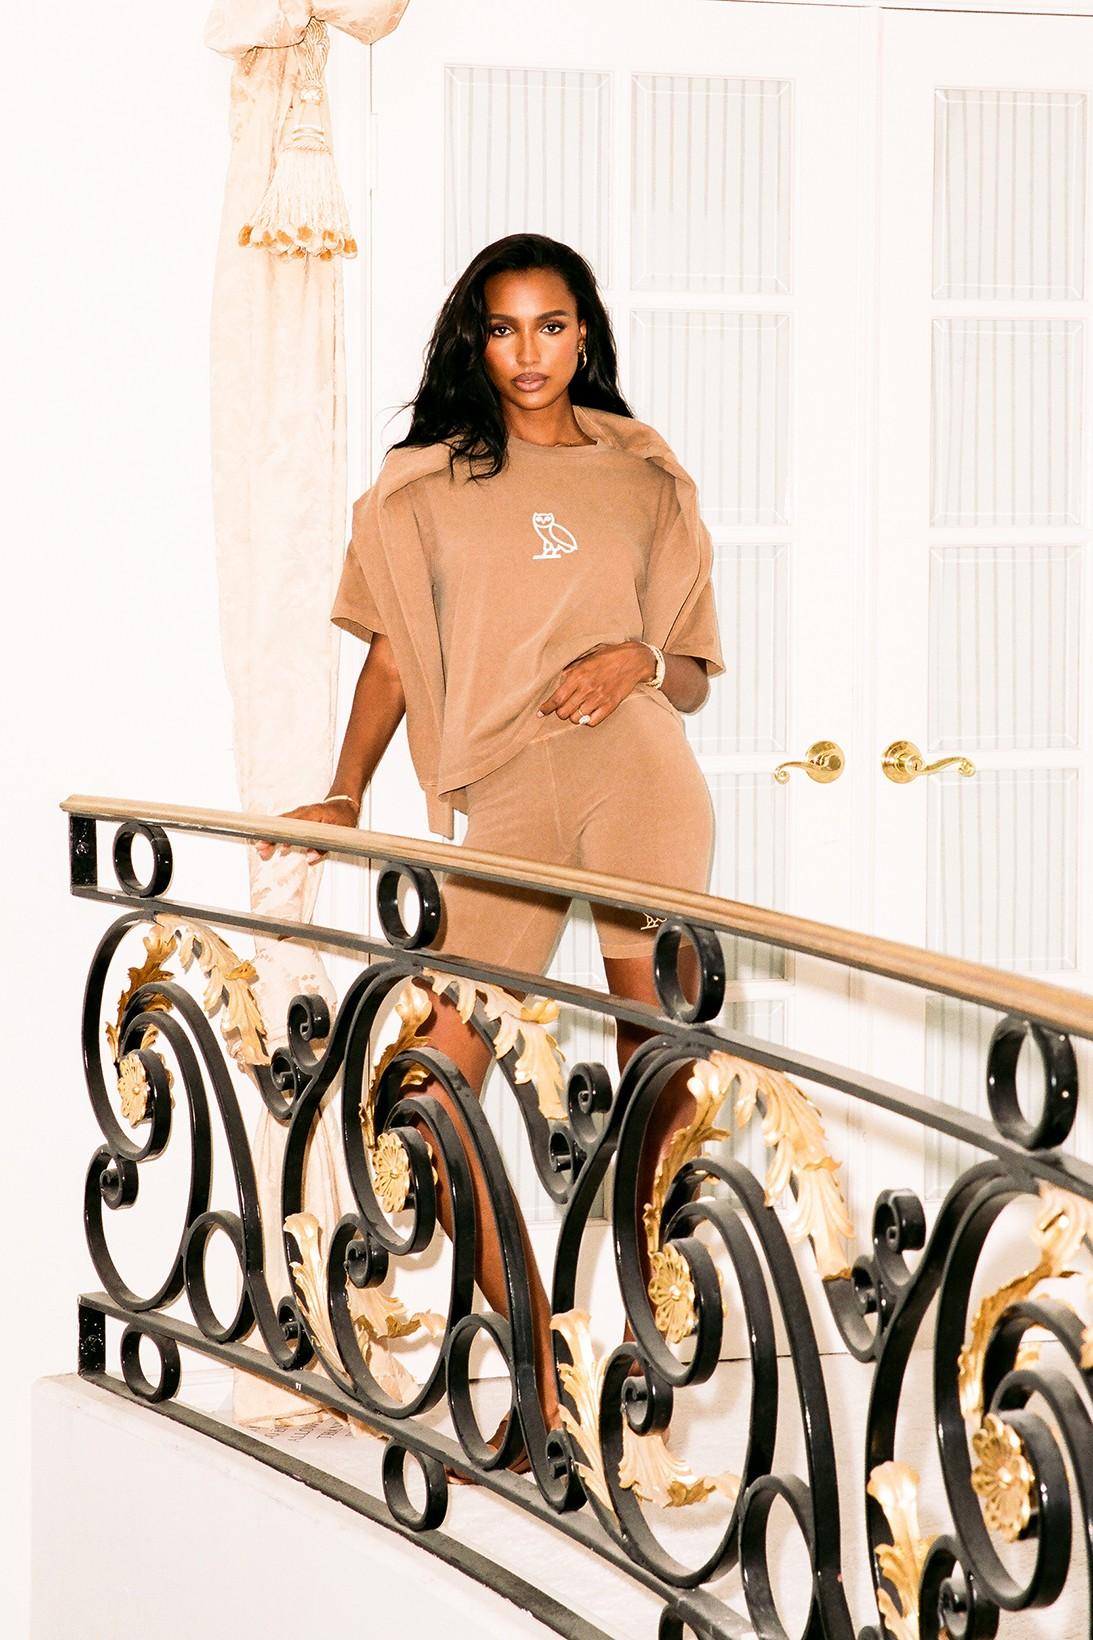 Бренд Дрейка OVO выпустил коллекцию одежды для домашнего отдыха (фото 1)